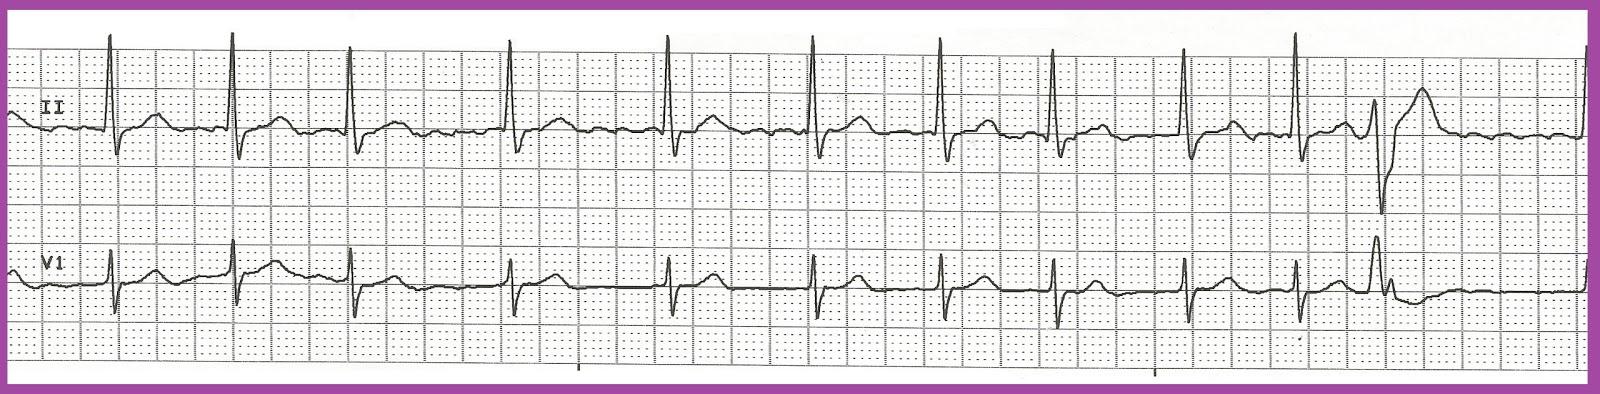 Atrial fibrillation rhythm strip